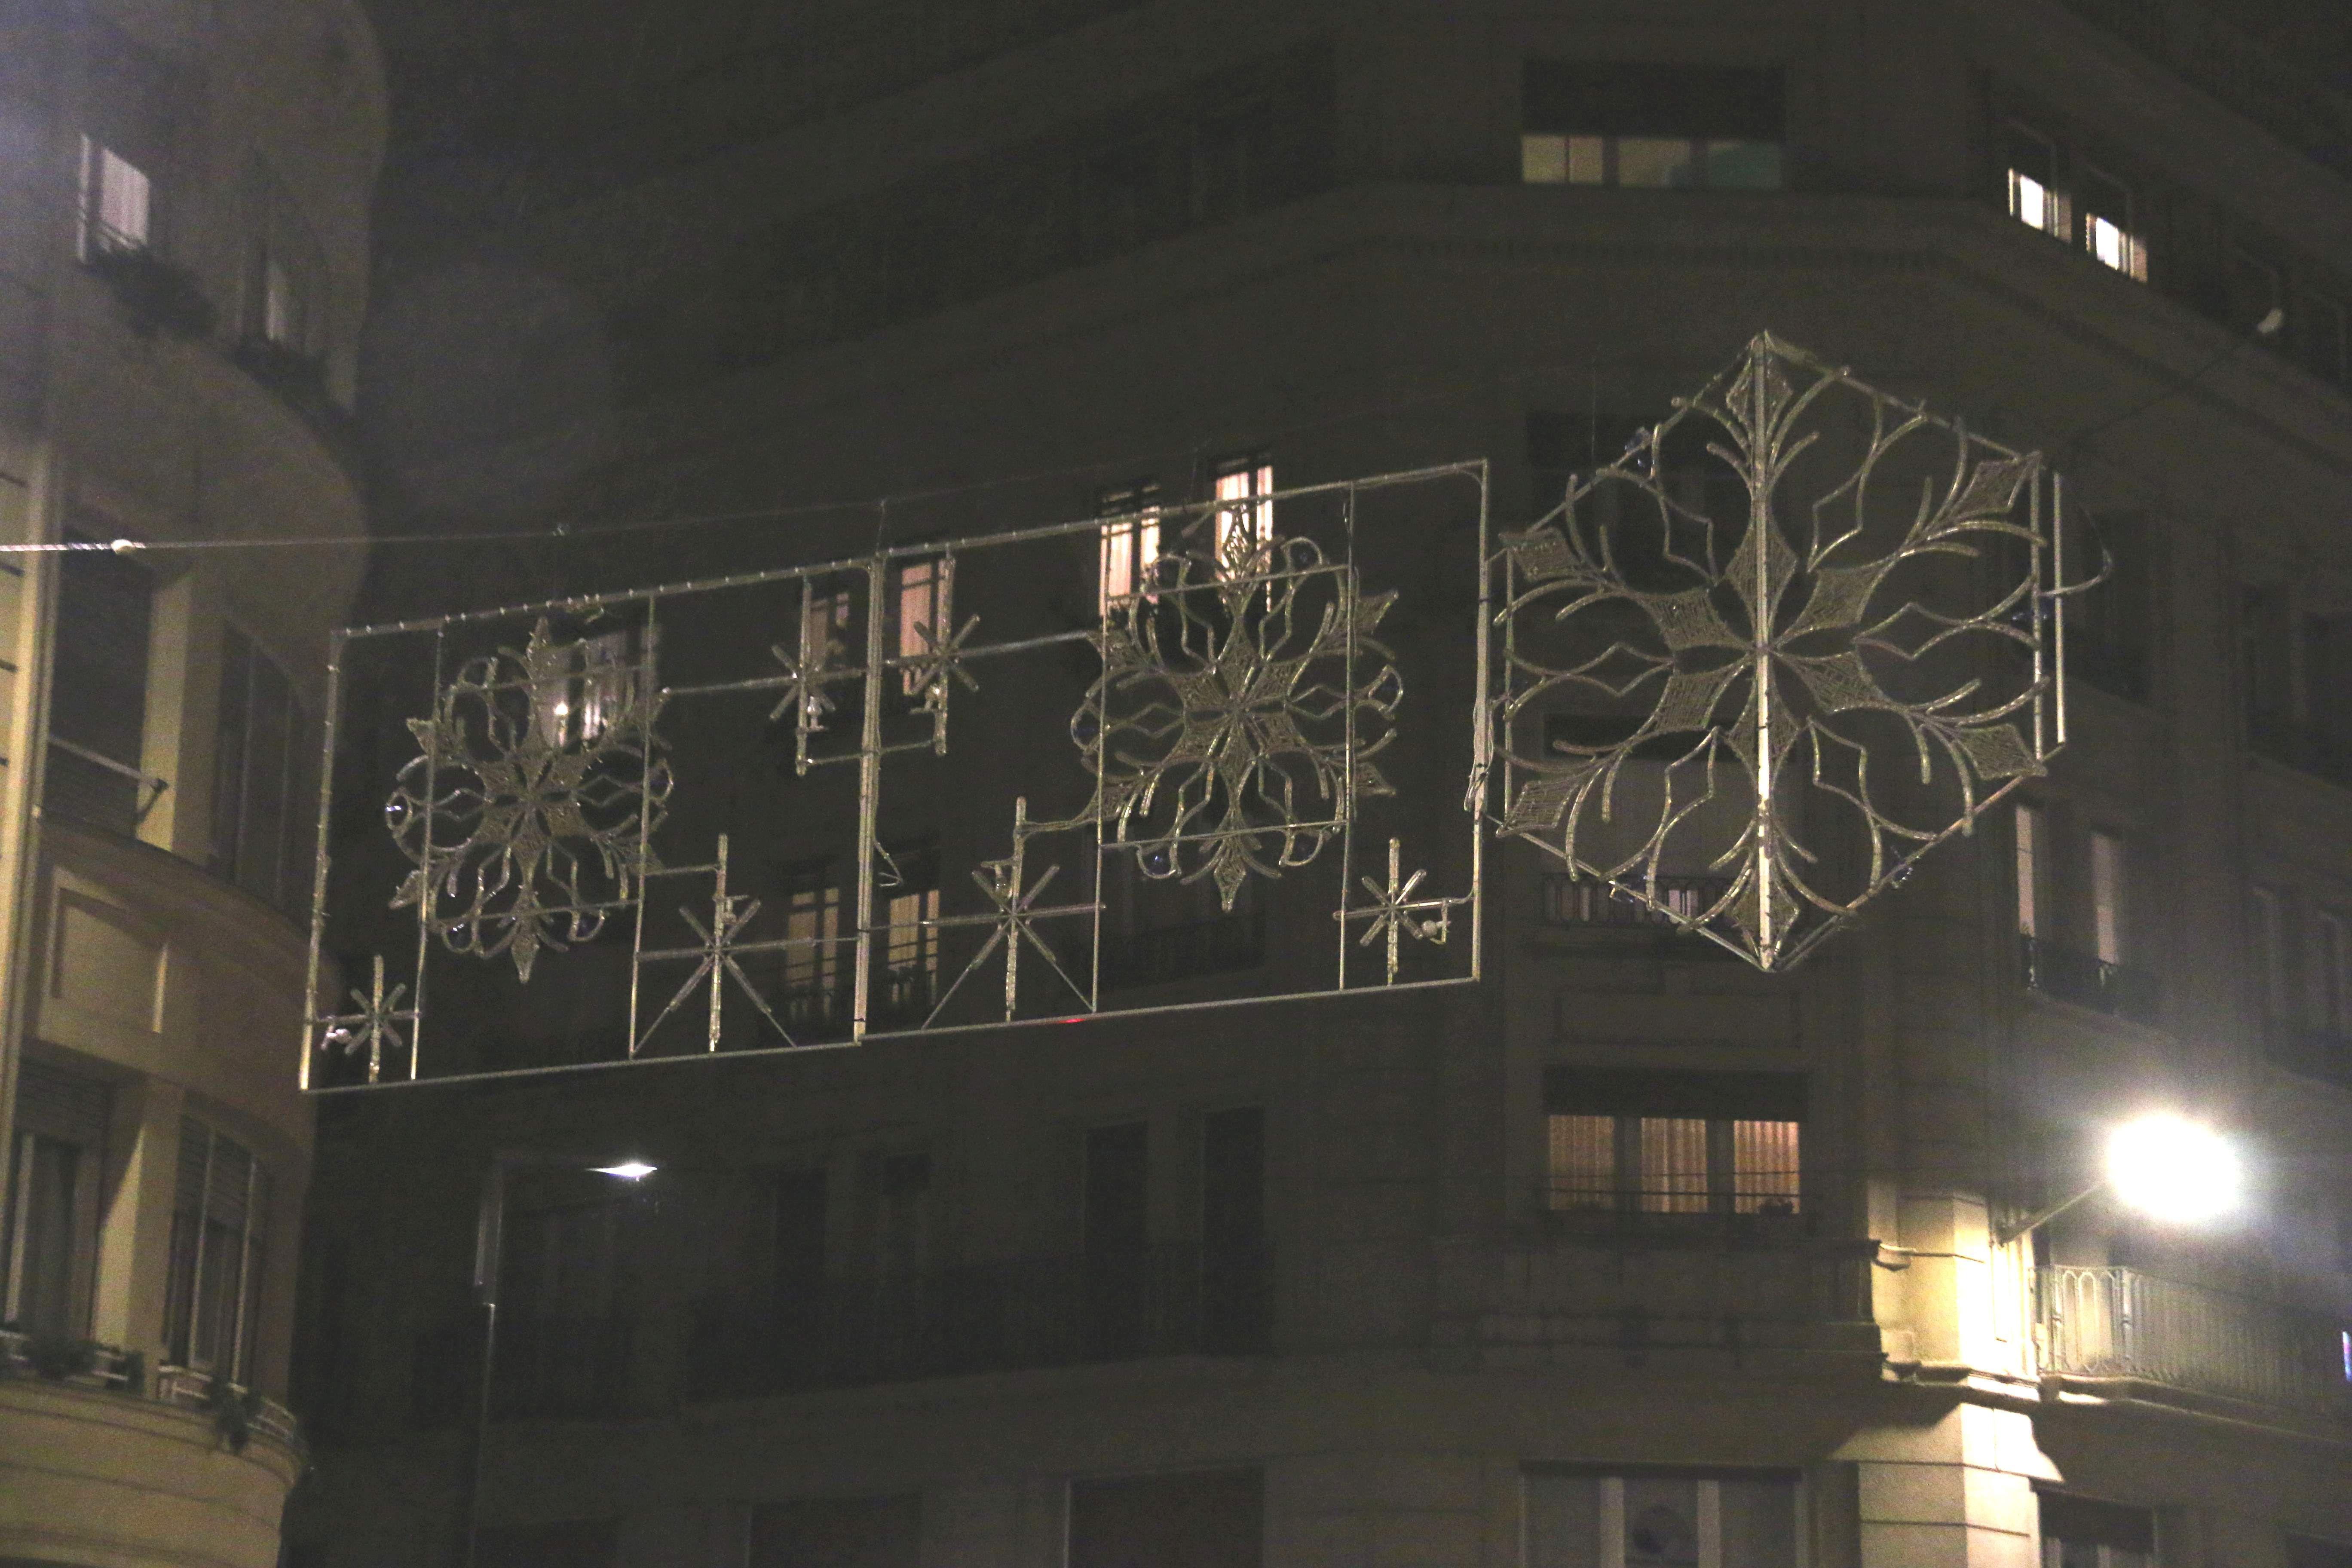 Comienza la instalaci n de los arcos y figuras de la iluminaci n navide a notas de prensa - Iluminacion vitoria ...